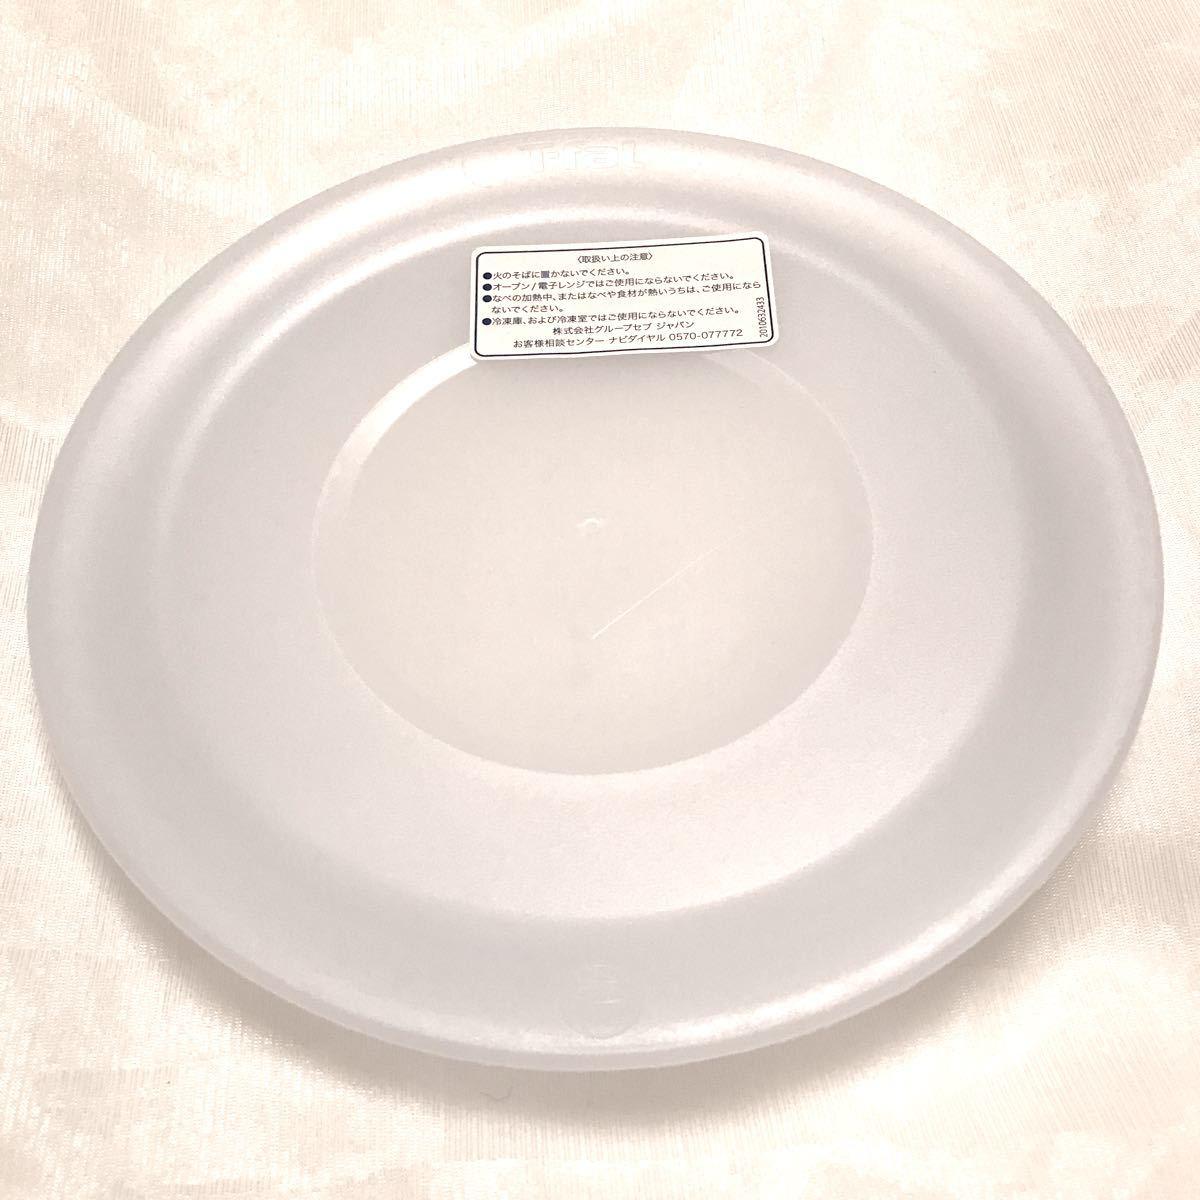 ティファール T-fal インジニオネオ シールリッド 16cm 新品未使用